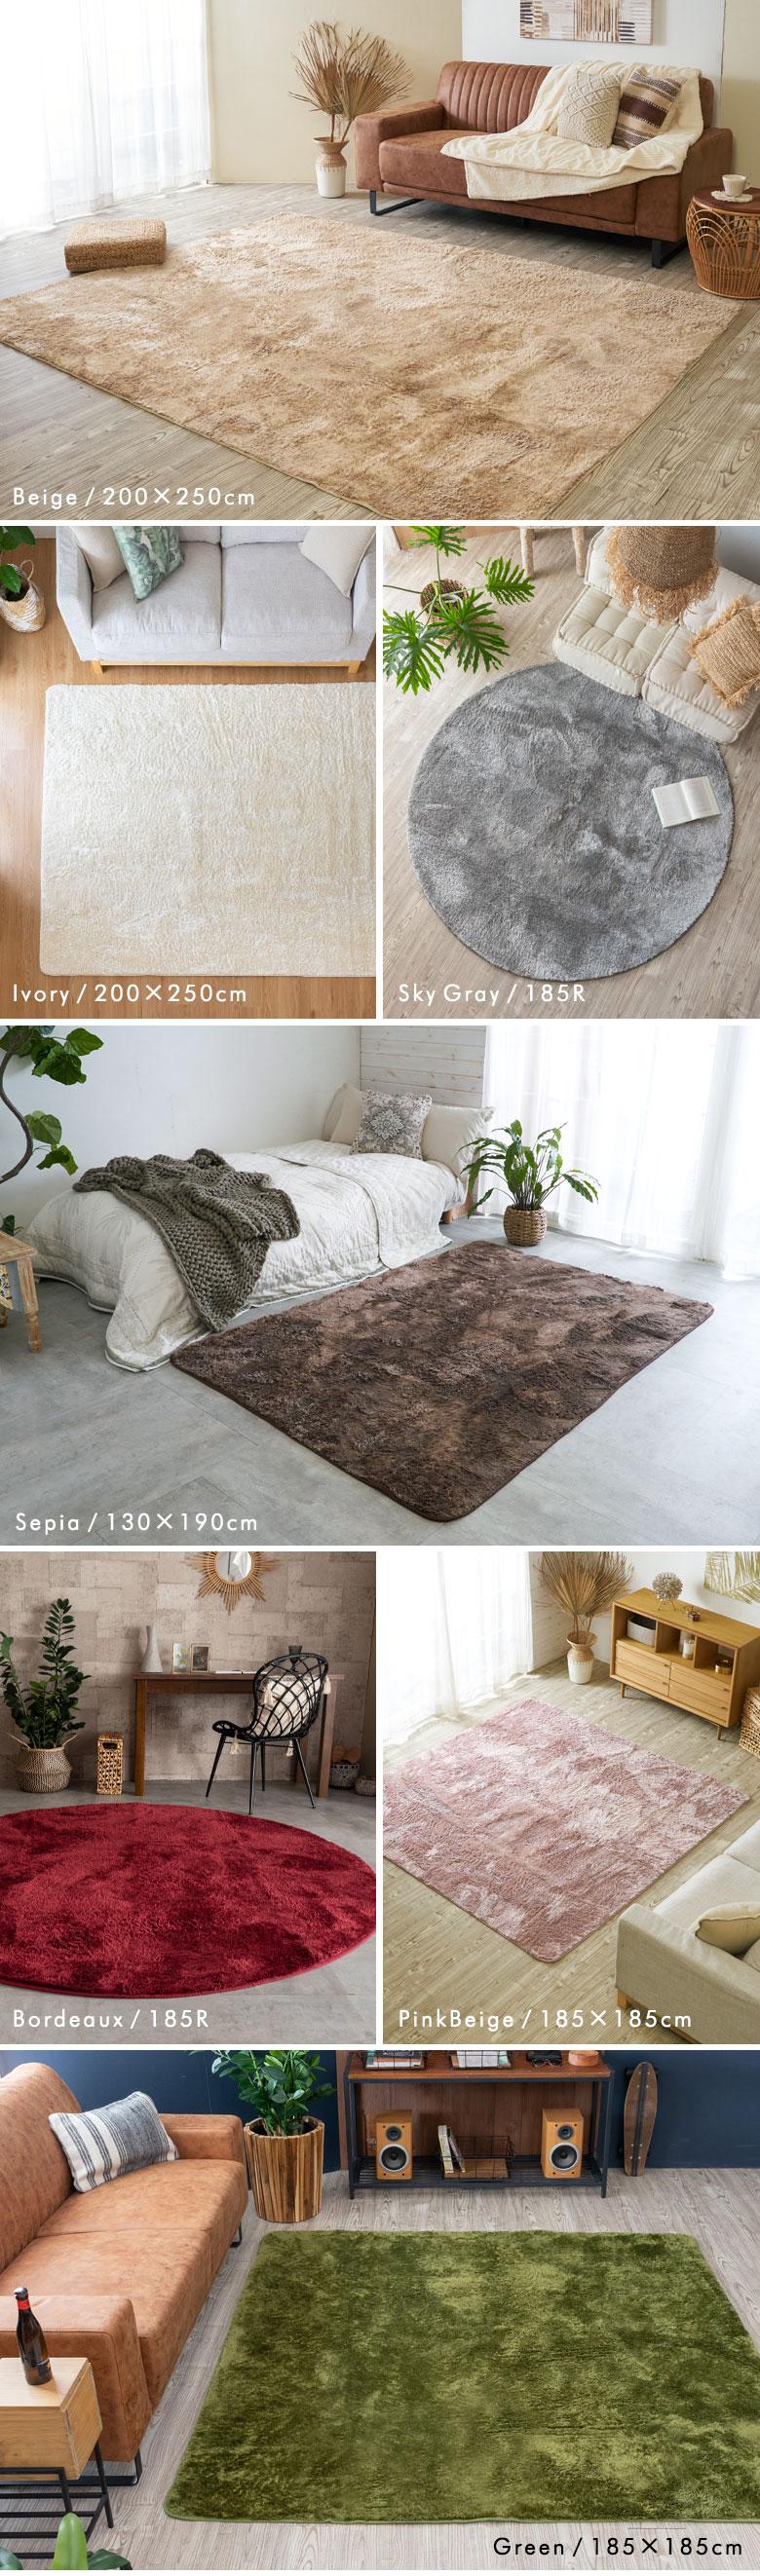 豊富なカラーバリエーション。お部屋の模様替えにおすすめの、おしゃれなラグカーペット。